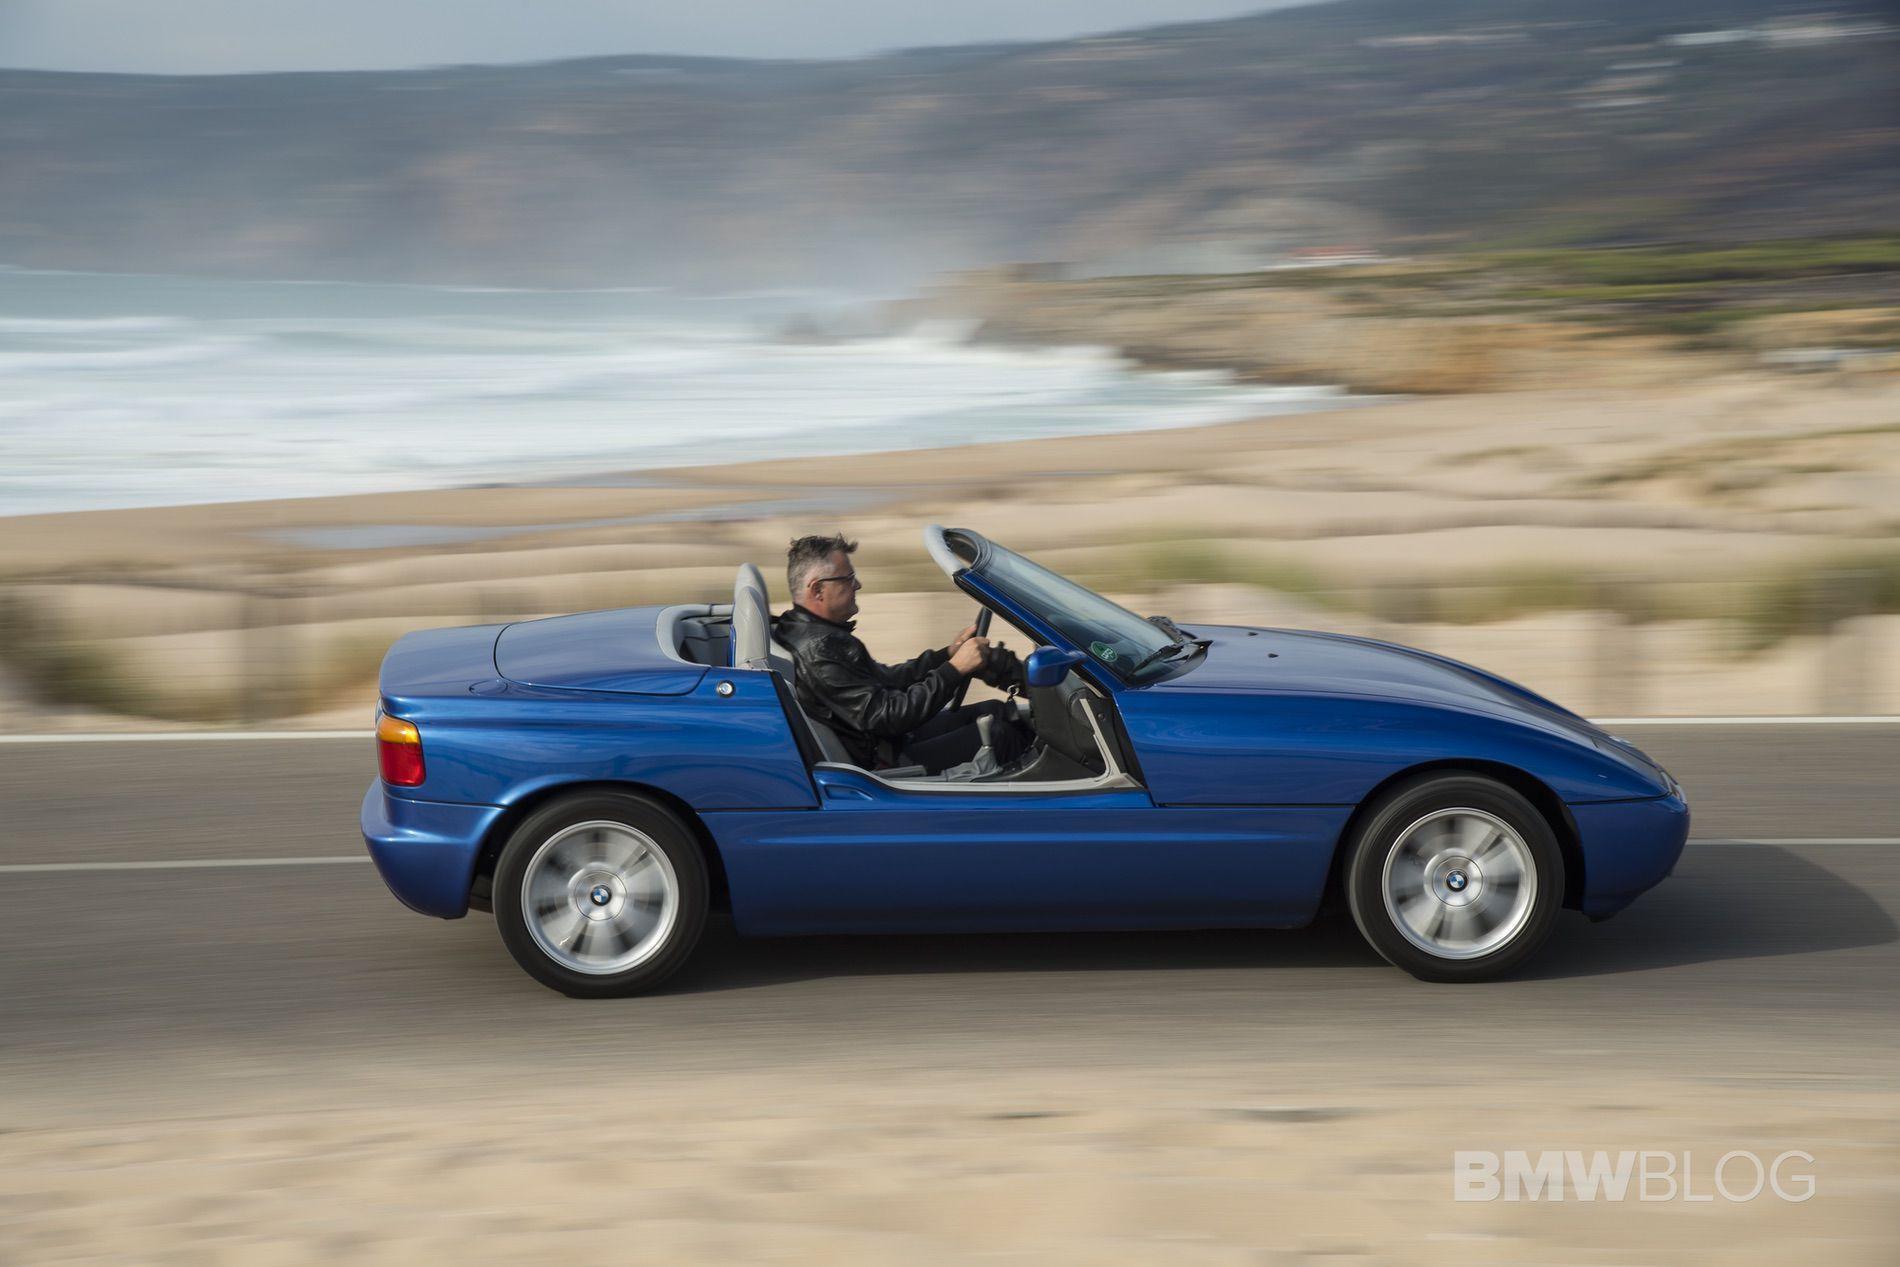 Bmw Z1 The Origin Of The Modern Day Bmw Roadster Family Bmw Z1 Bmw Bmw Cars